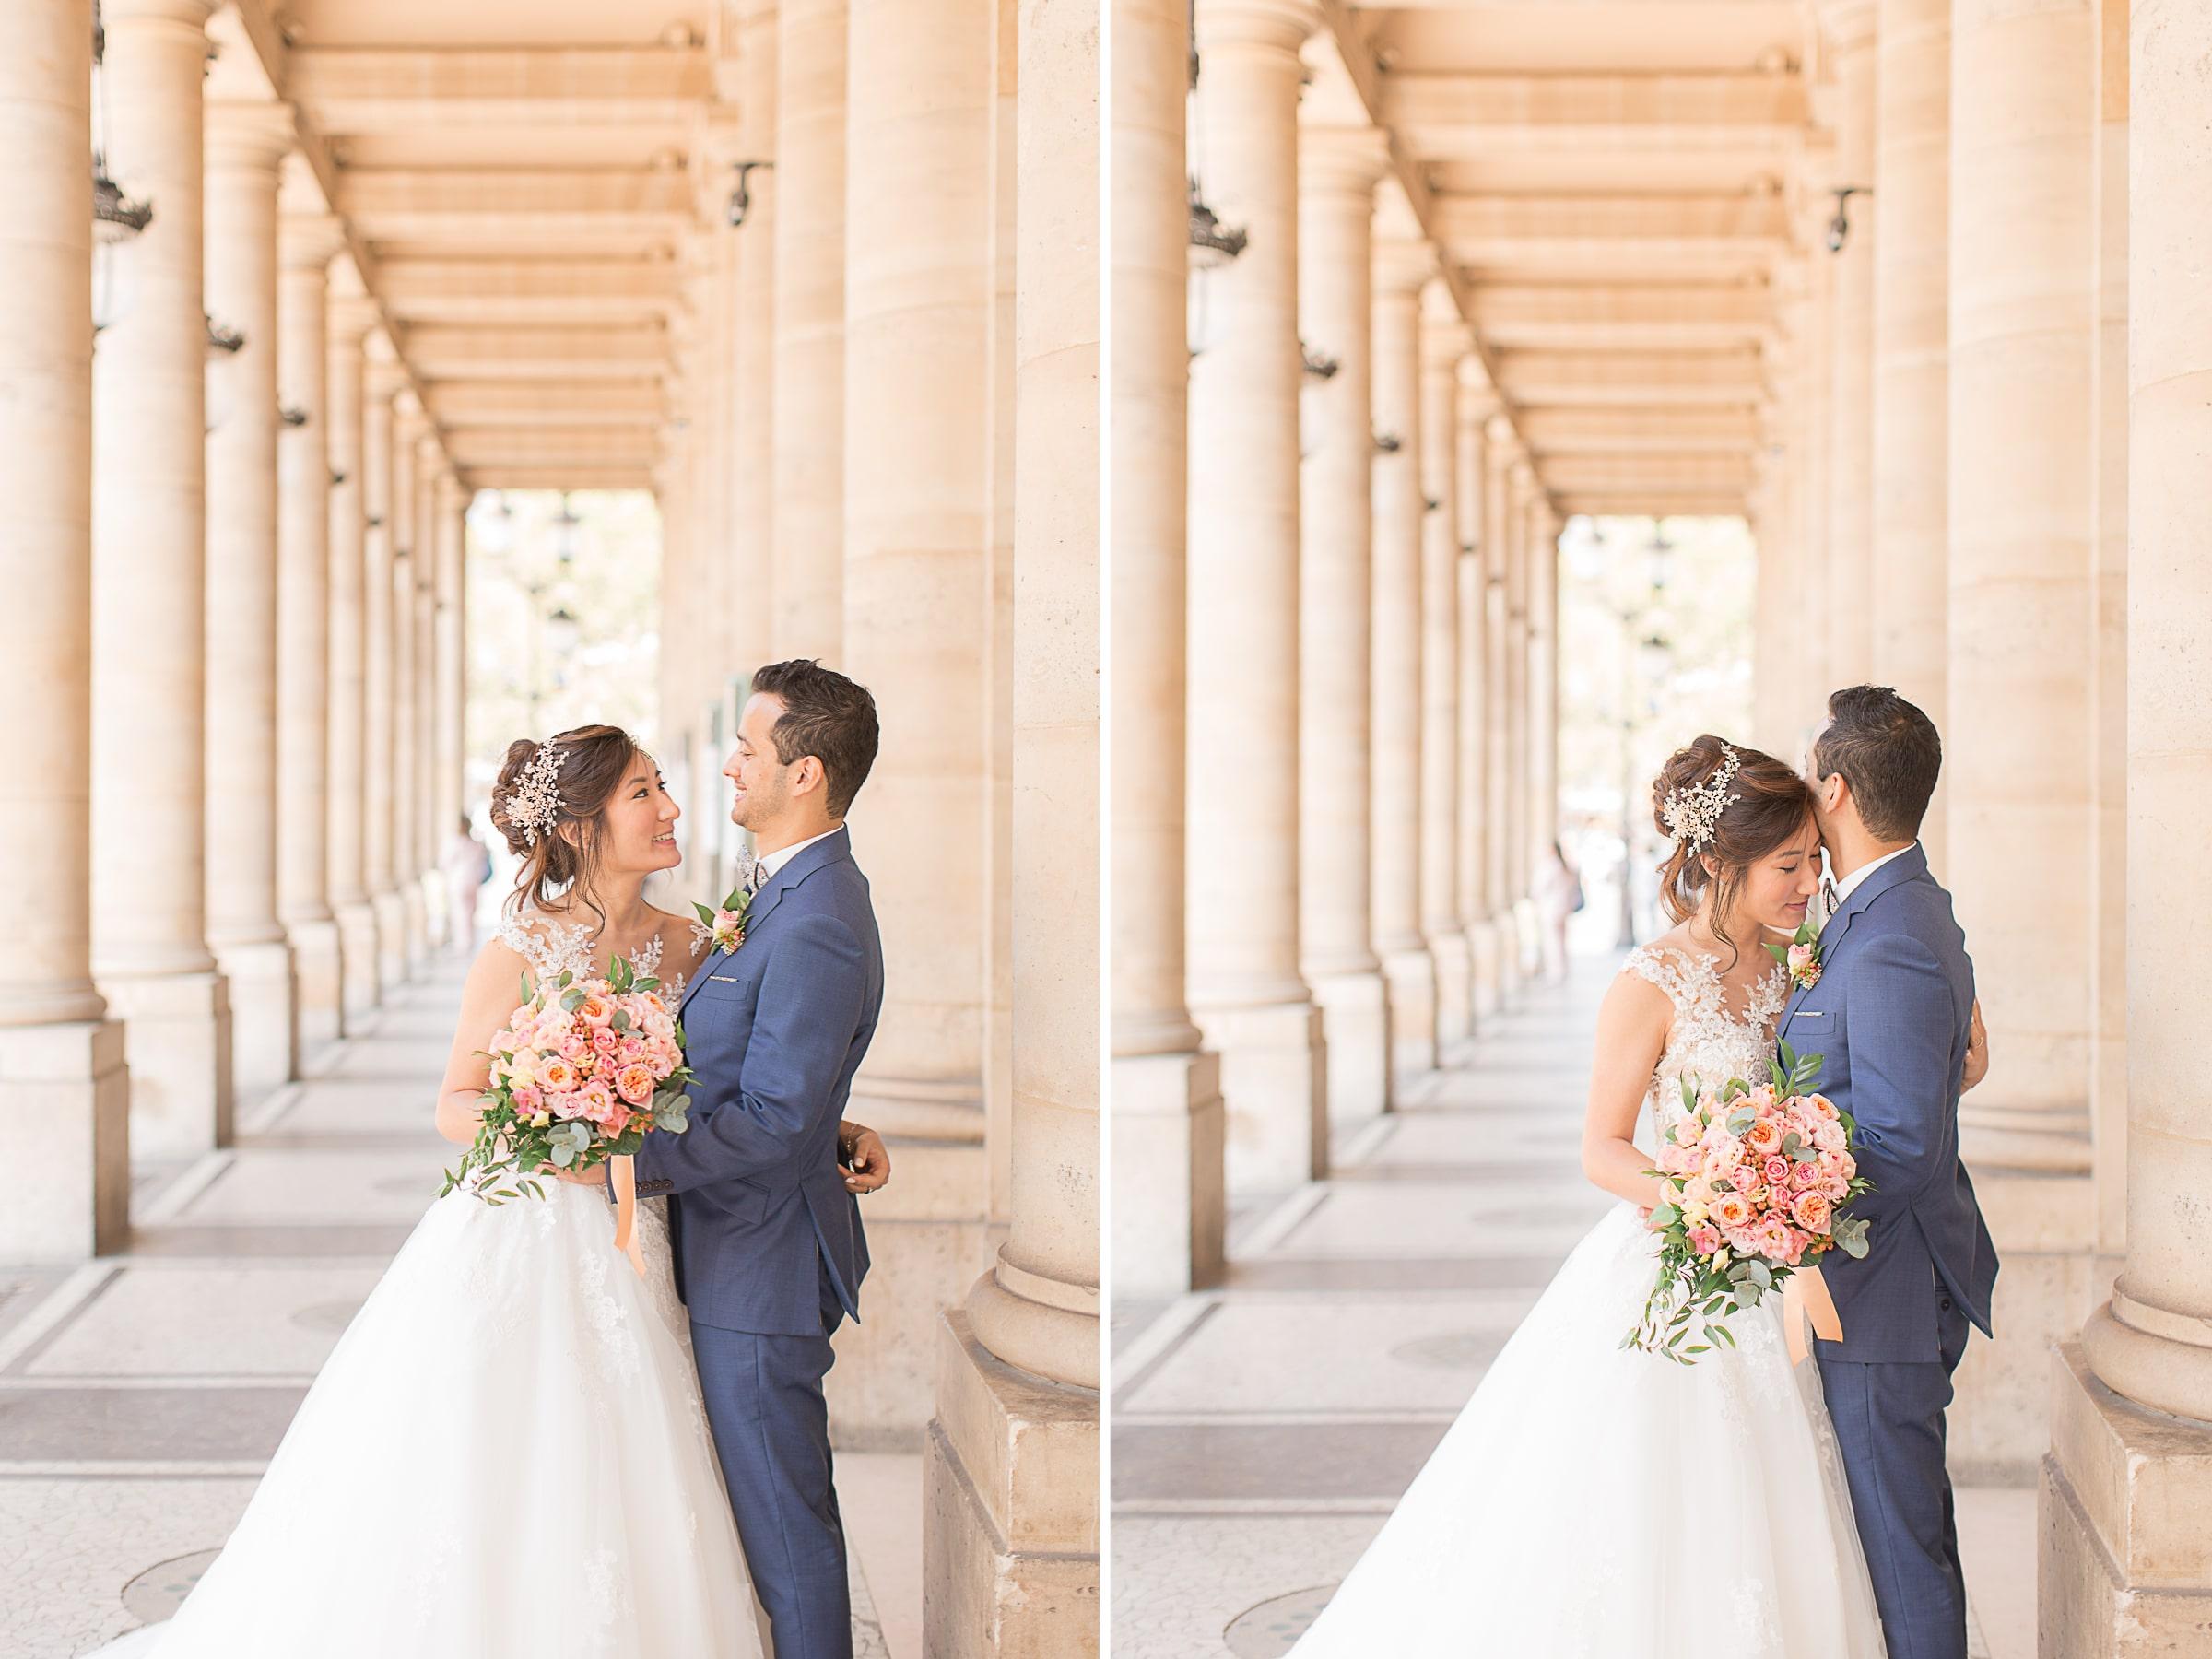 seance photo de couple du mariage à paris au grand palais